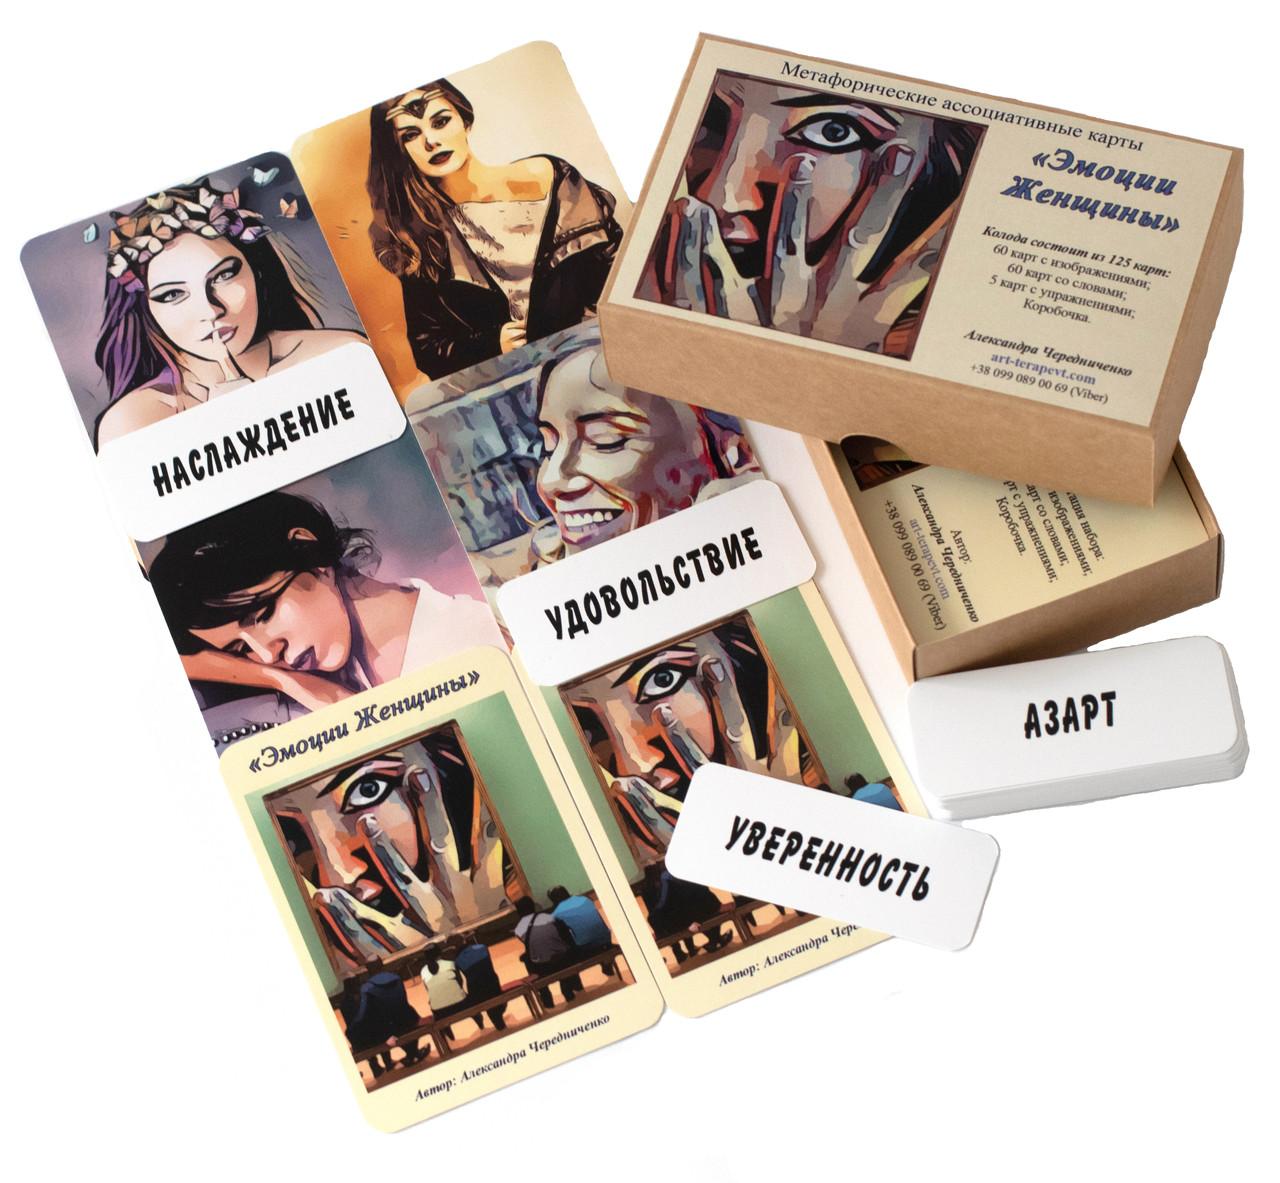 «Емоції Жінки» метафоричні карти (Олександра Чередниченка)